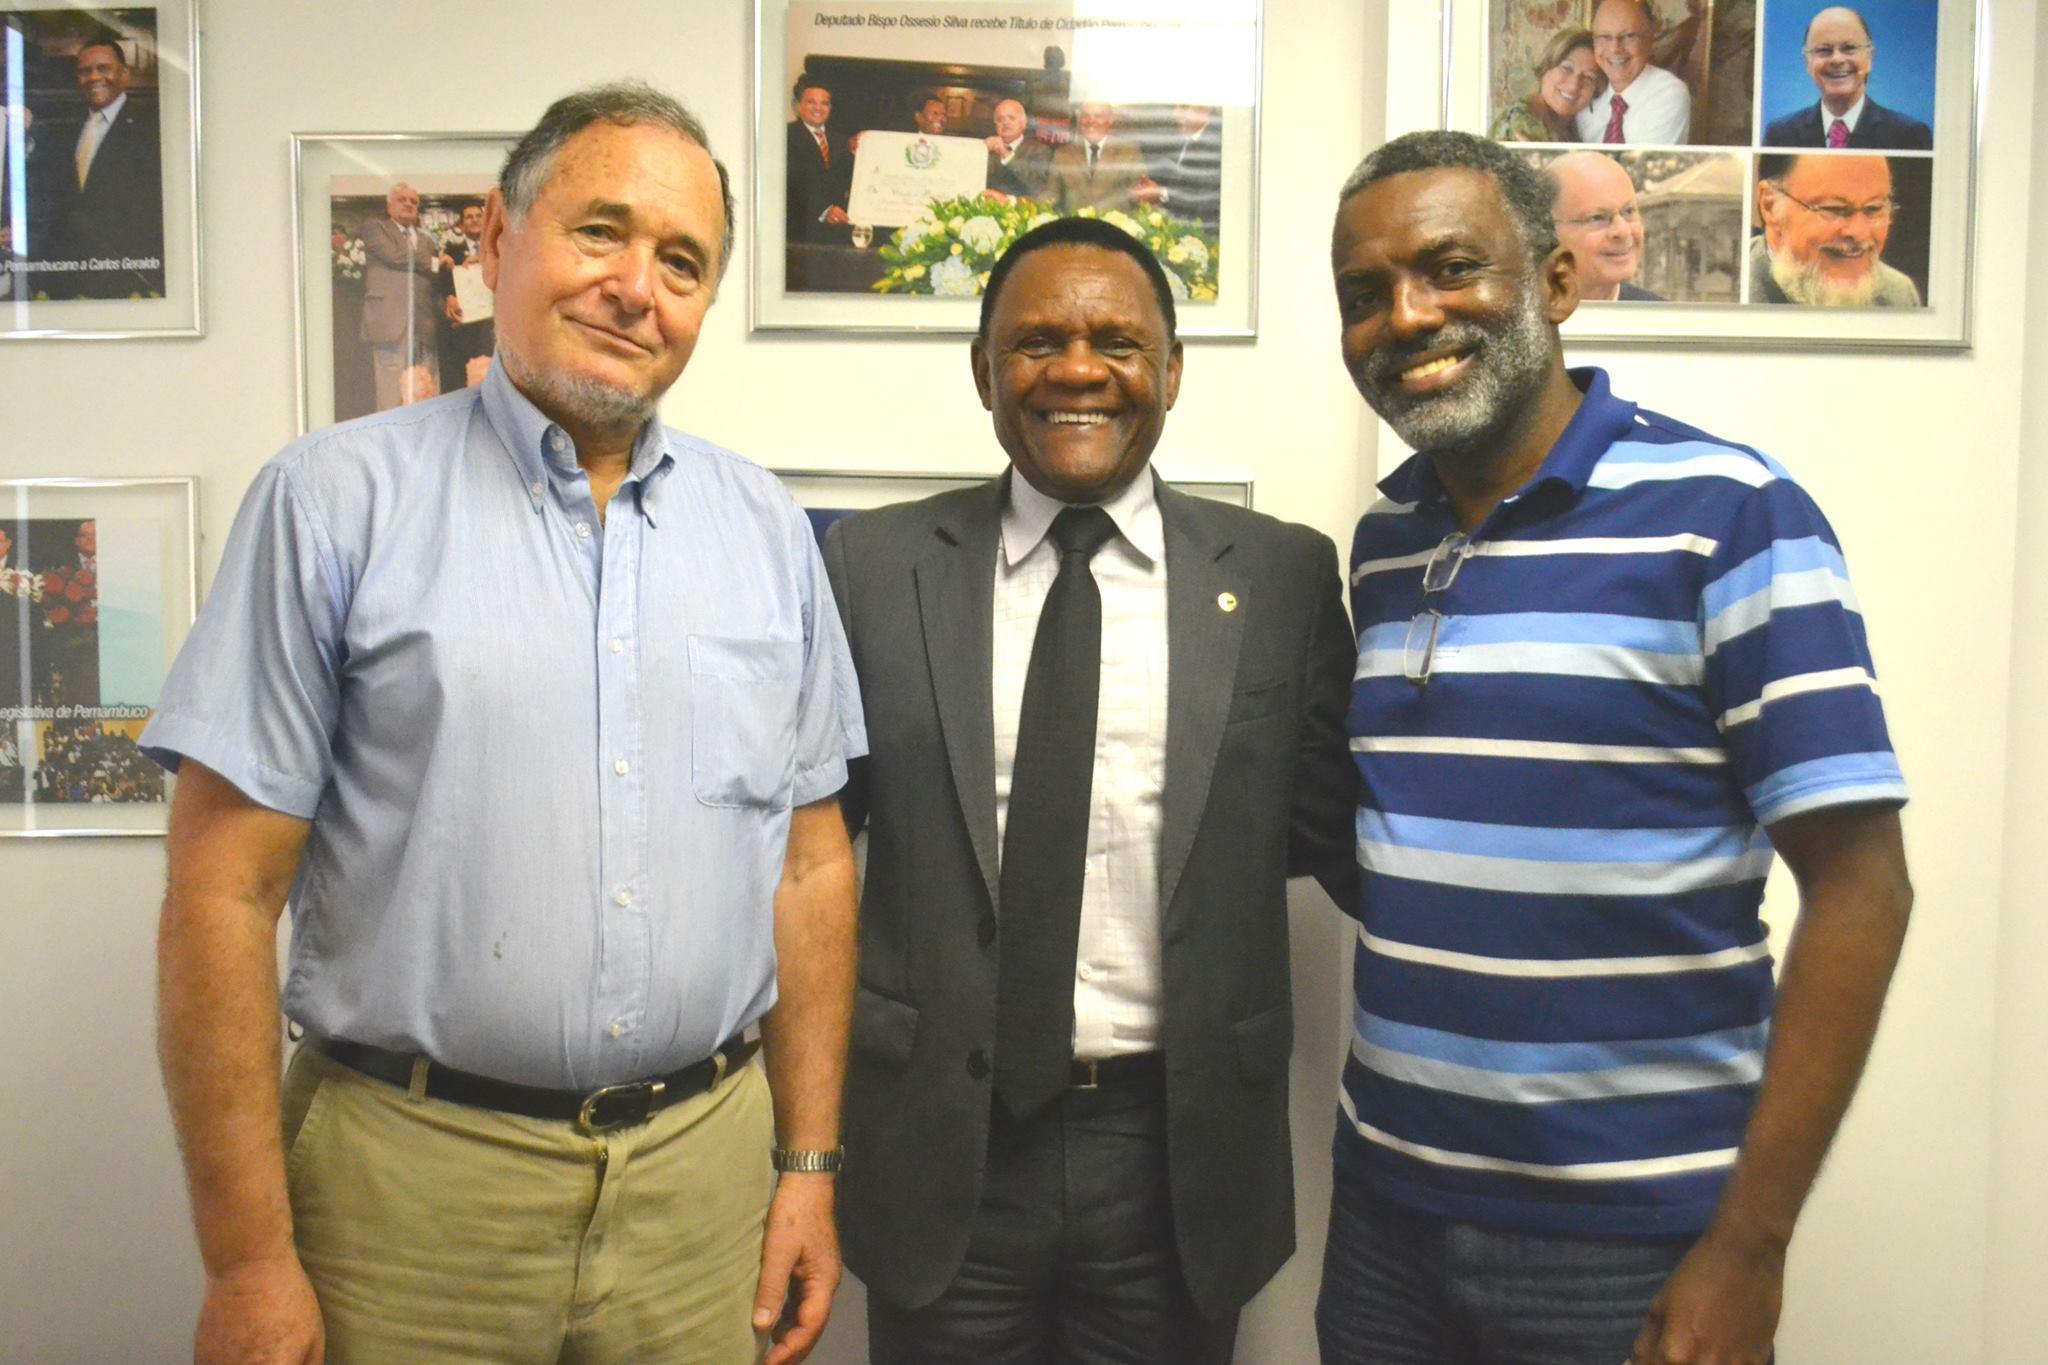 Deputado Ossesio recebe representantes da Associação Nordeste África